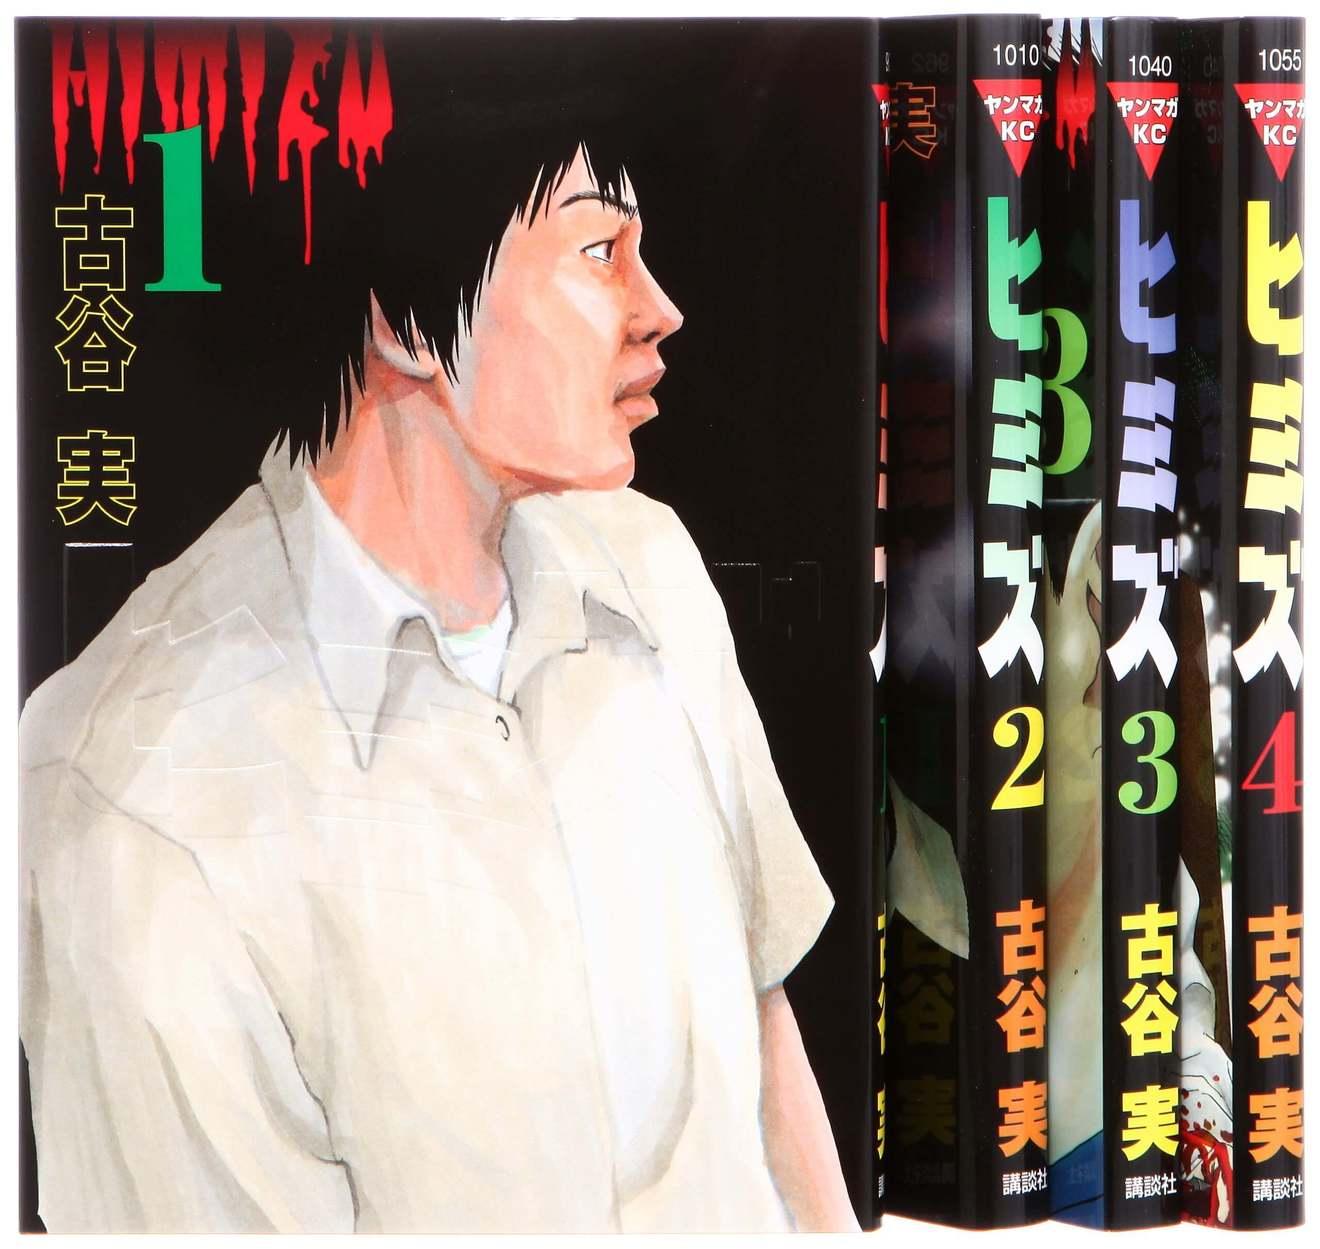 漫画『ヒミズ』全4巻の魅力をネタバレ紹介!【映画作品原作】